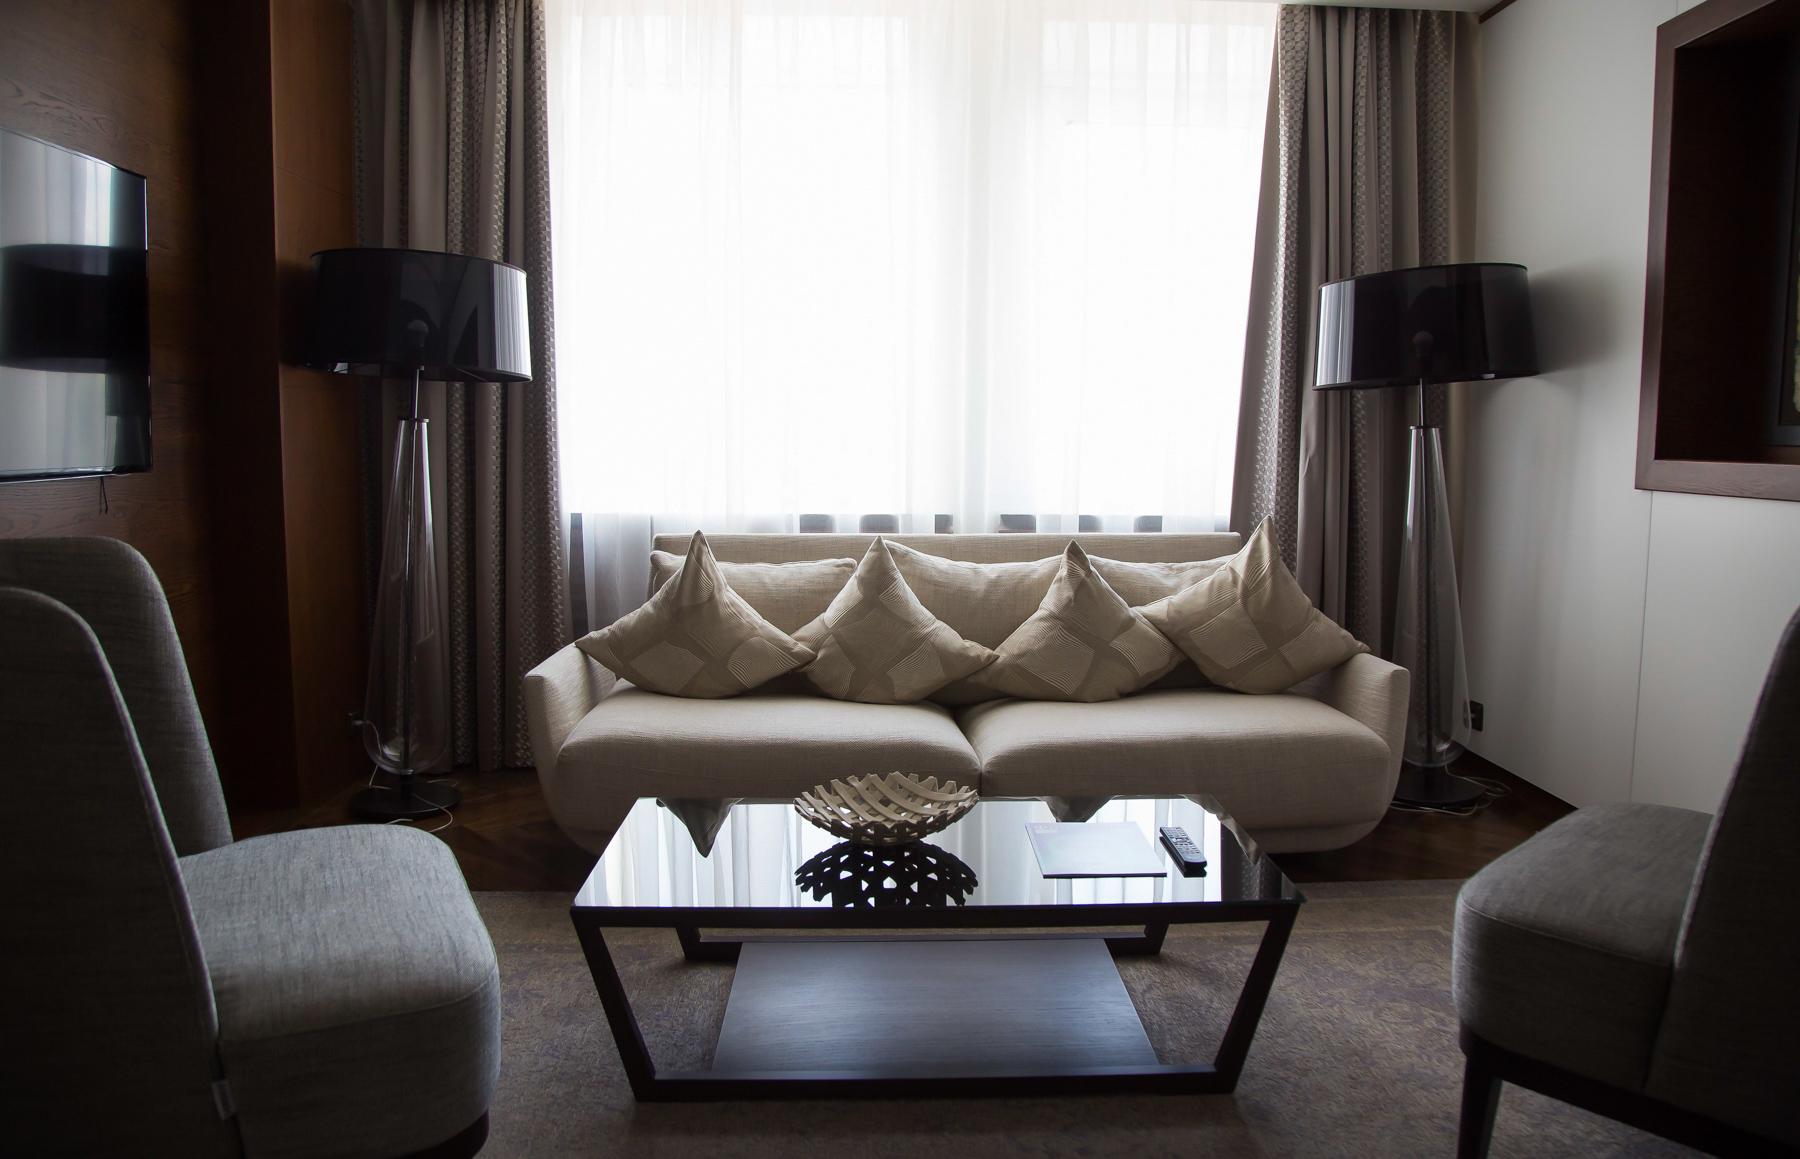 ВSheraton Ufa Hotel один президентский номер, во время саммита в нём жил президент Индии